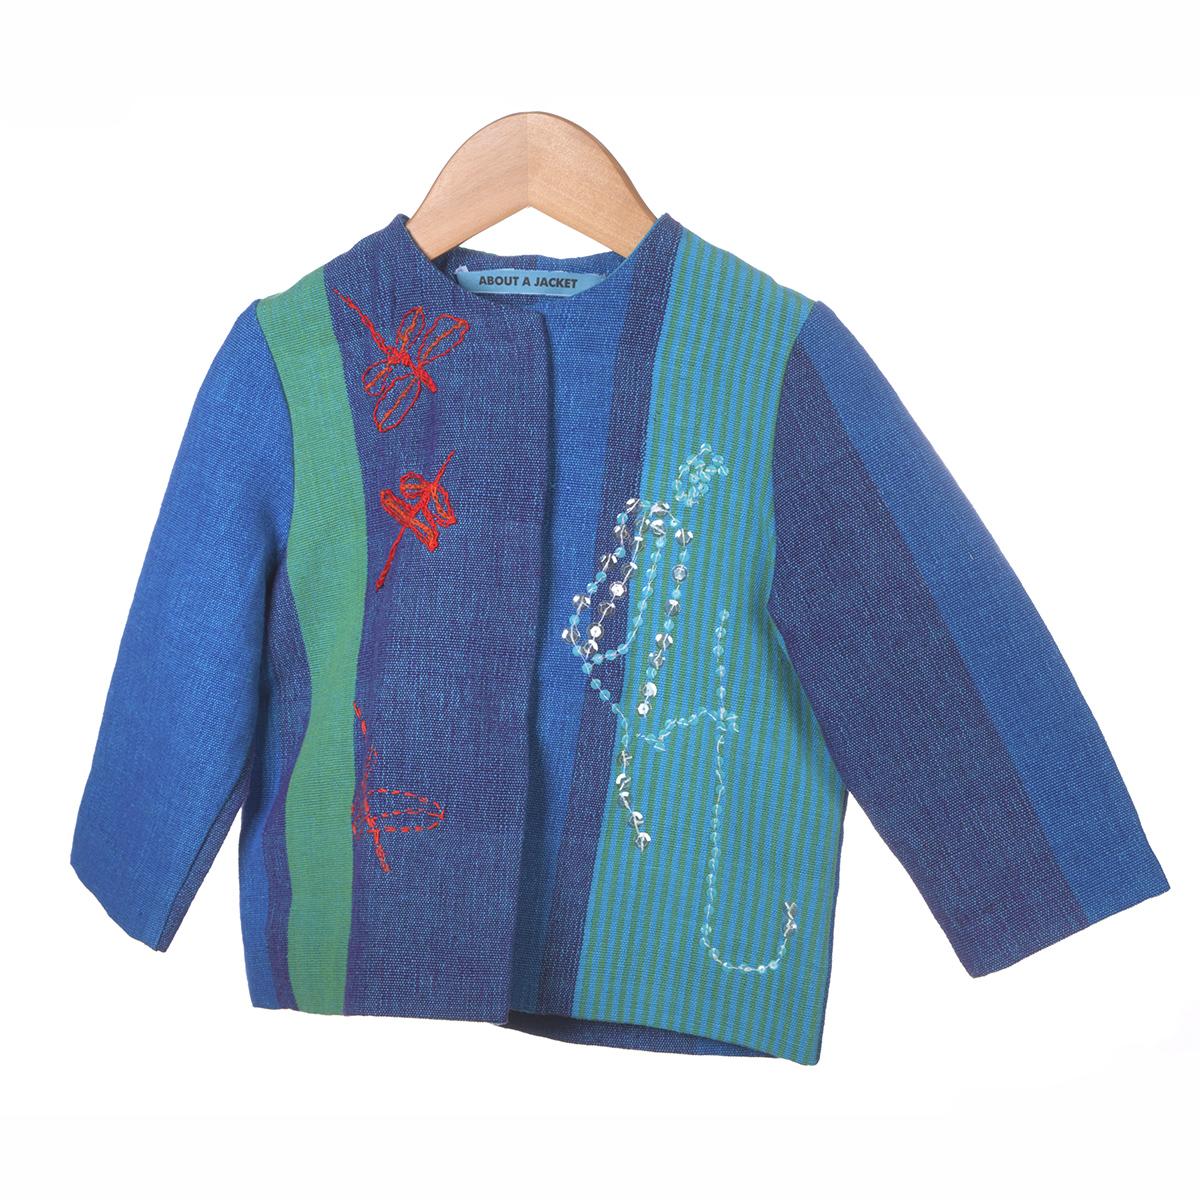 Blauw en groene vlakken jasje met rode borduursel